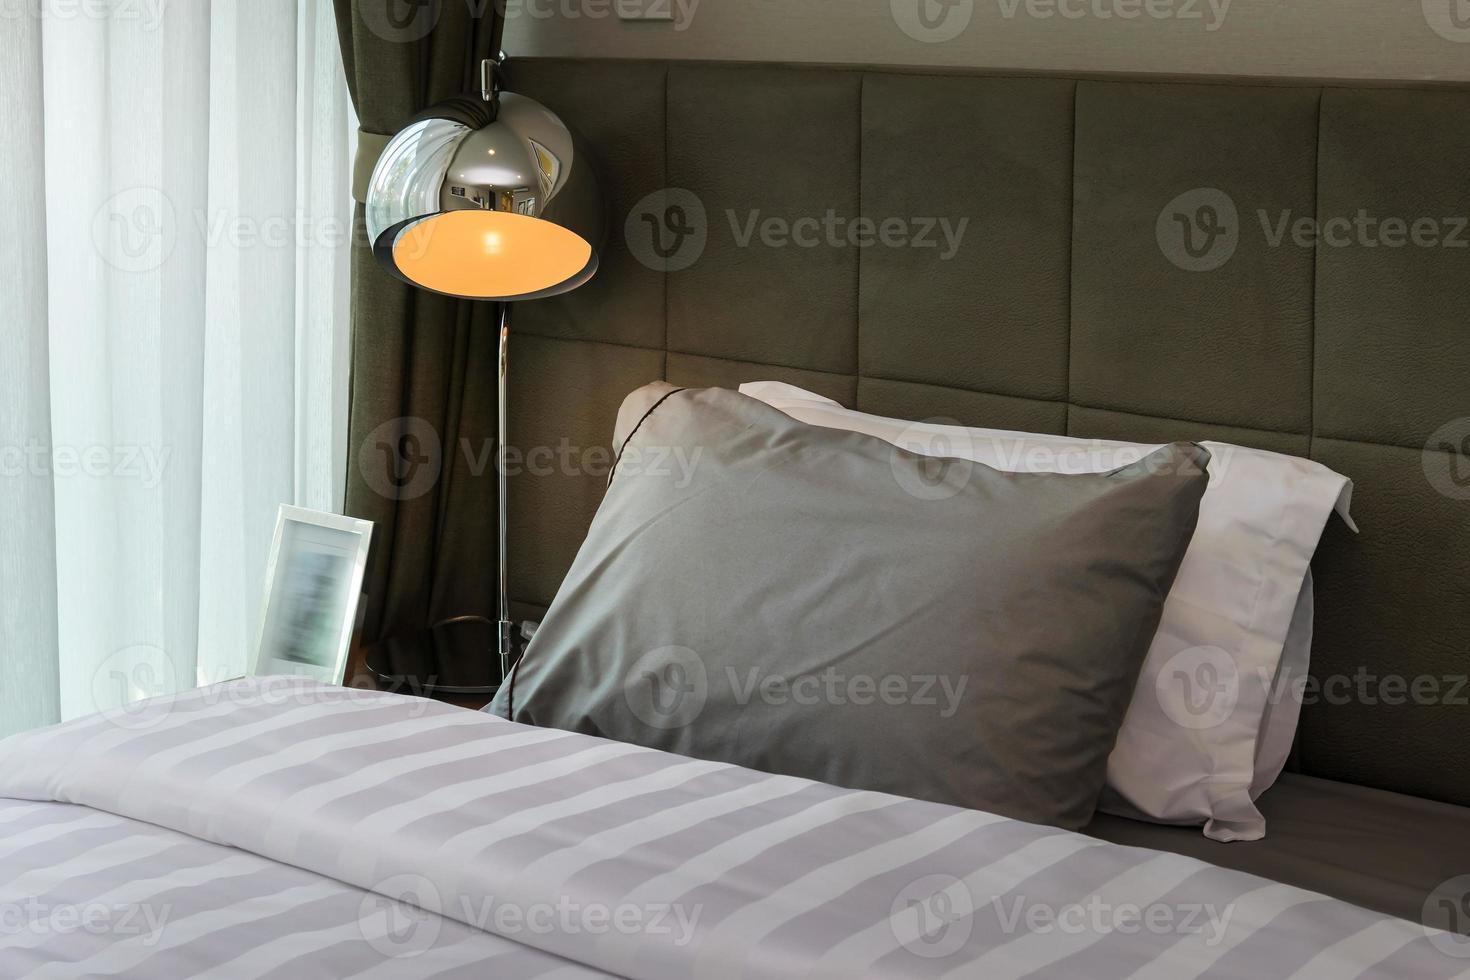 lampada da scrivania in metallo e cuscino grigio sul letto foto